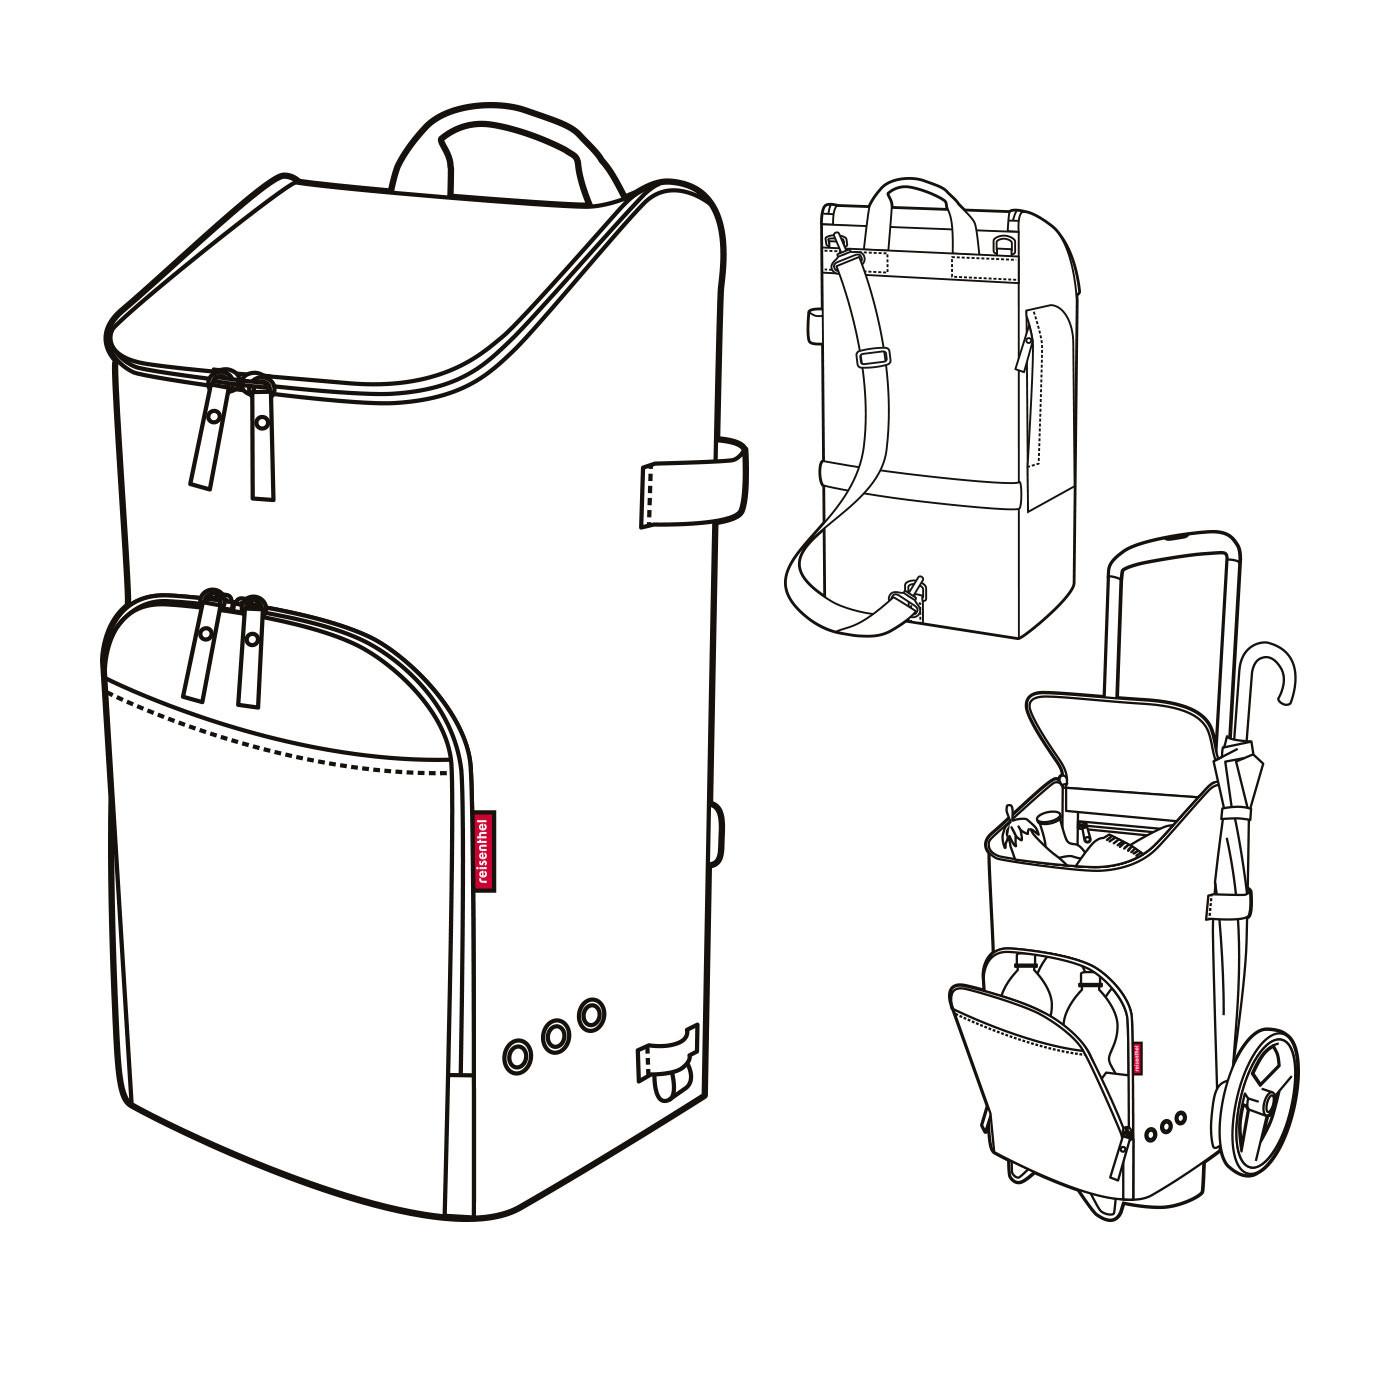 reisenthel® citycruiser rack + bag 45l dots